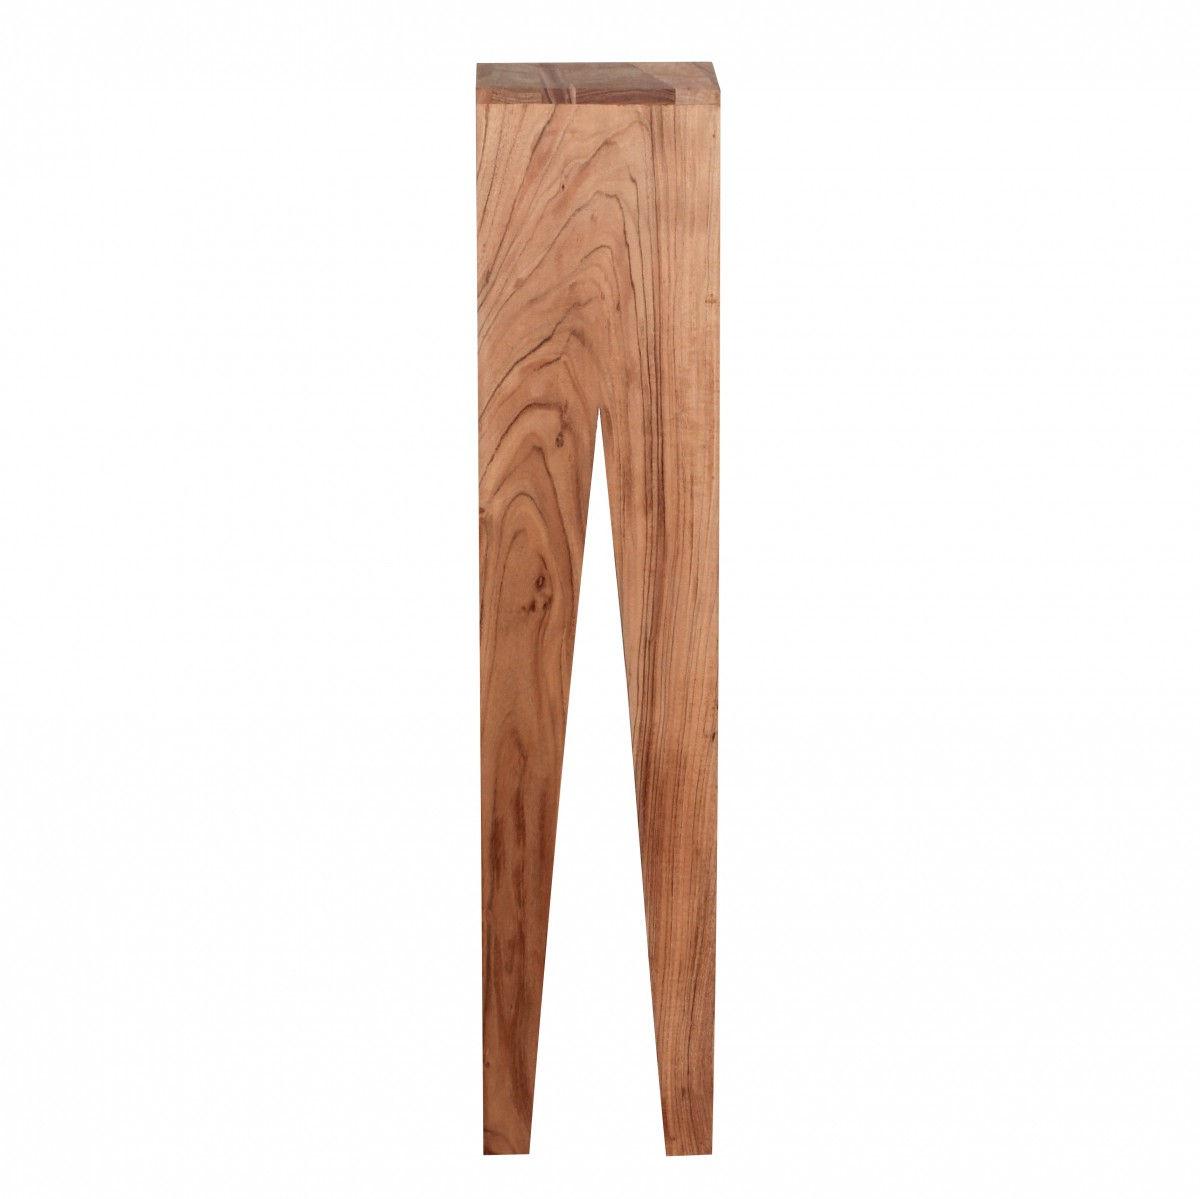 Weran Beistelltisch 3er Set KADA Massivholz Akazie Wohnzimmer Tisch Design  Säulen Landhausstil Couchtisch Quadratisch